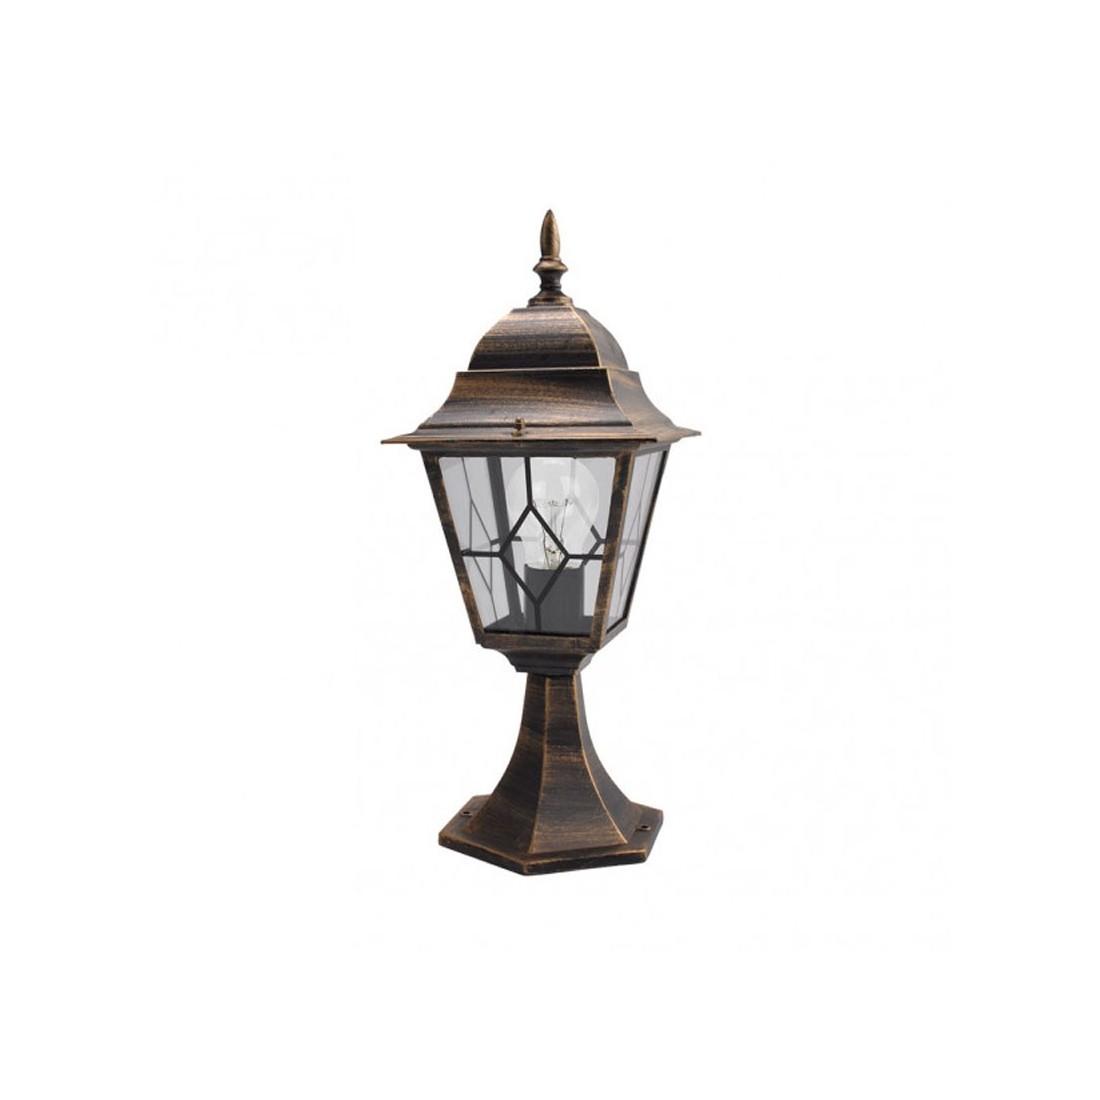 Ofertas de luces de exterior baratos online env o r pido - Luces de pared exterior ...